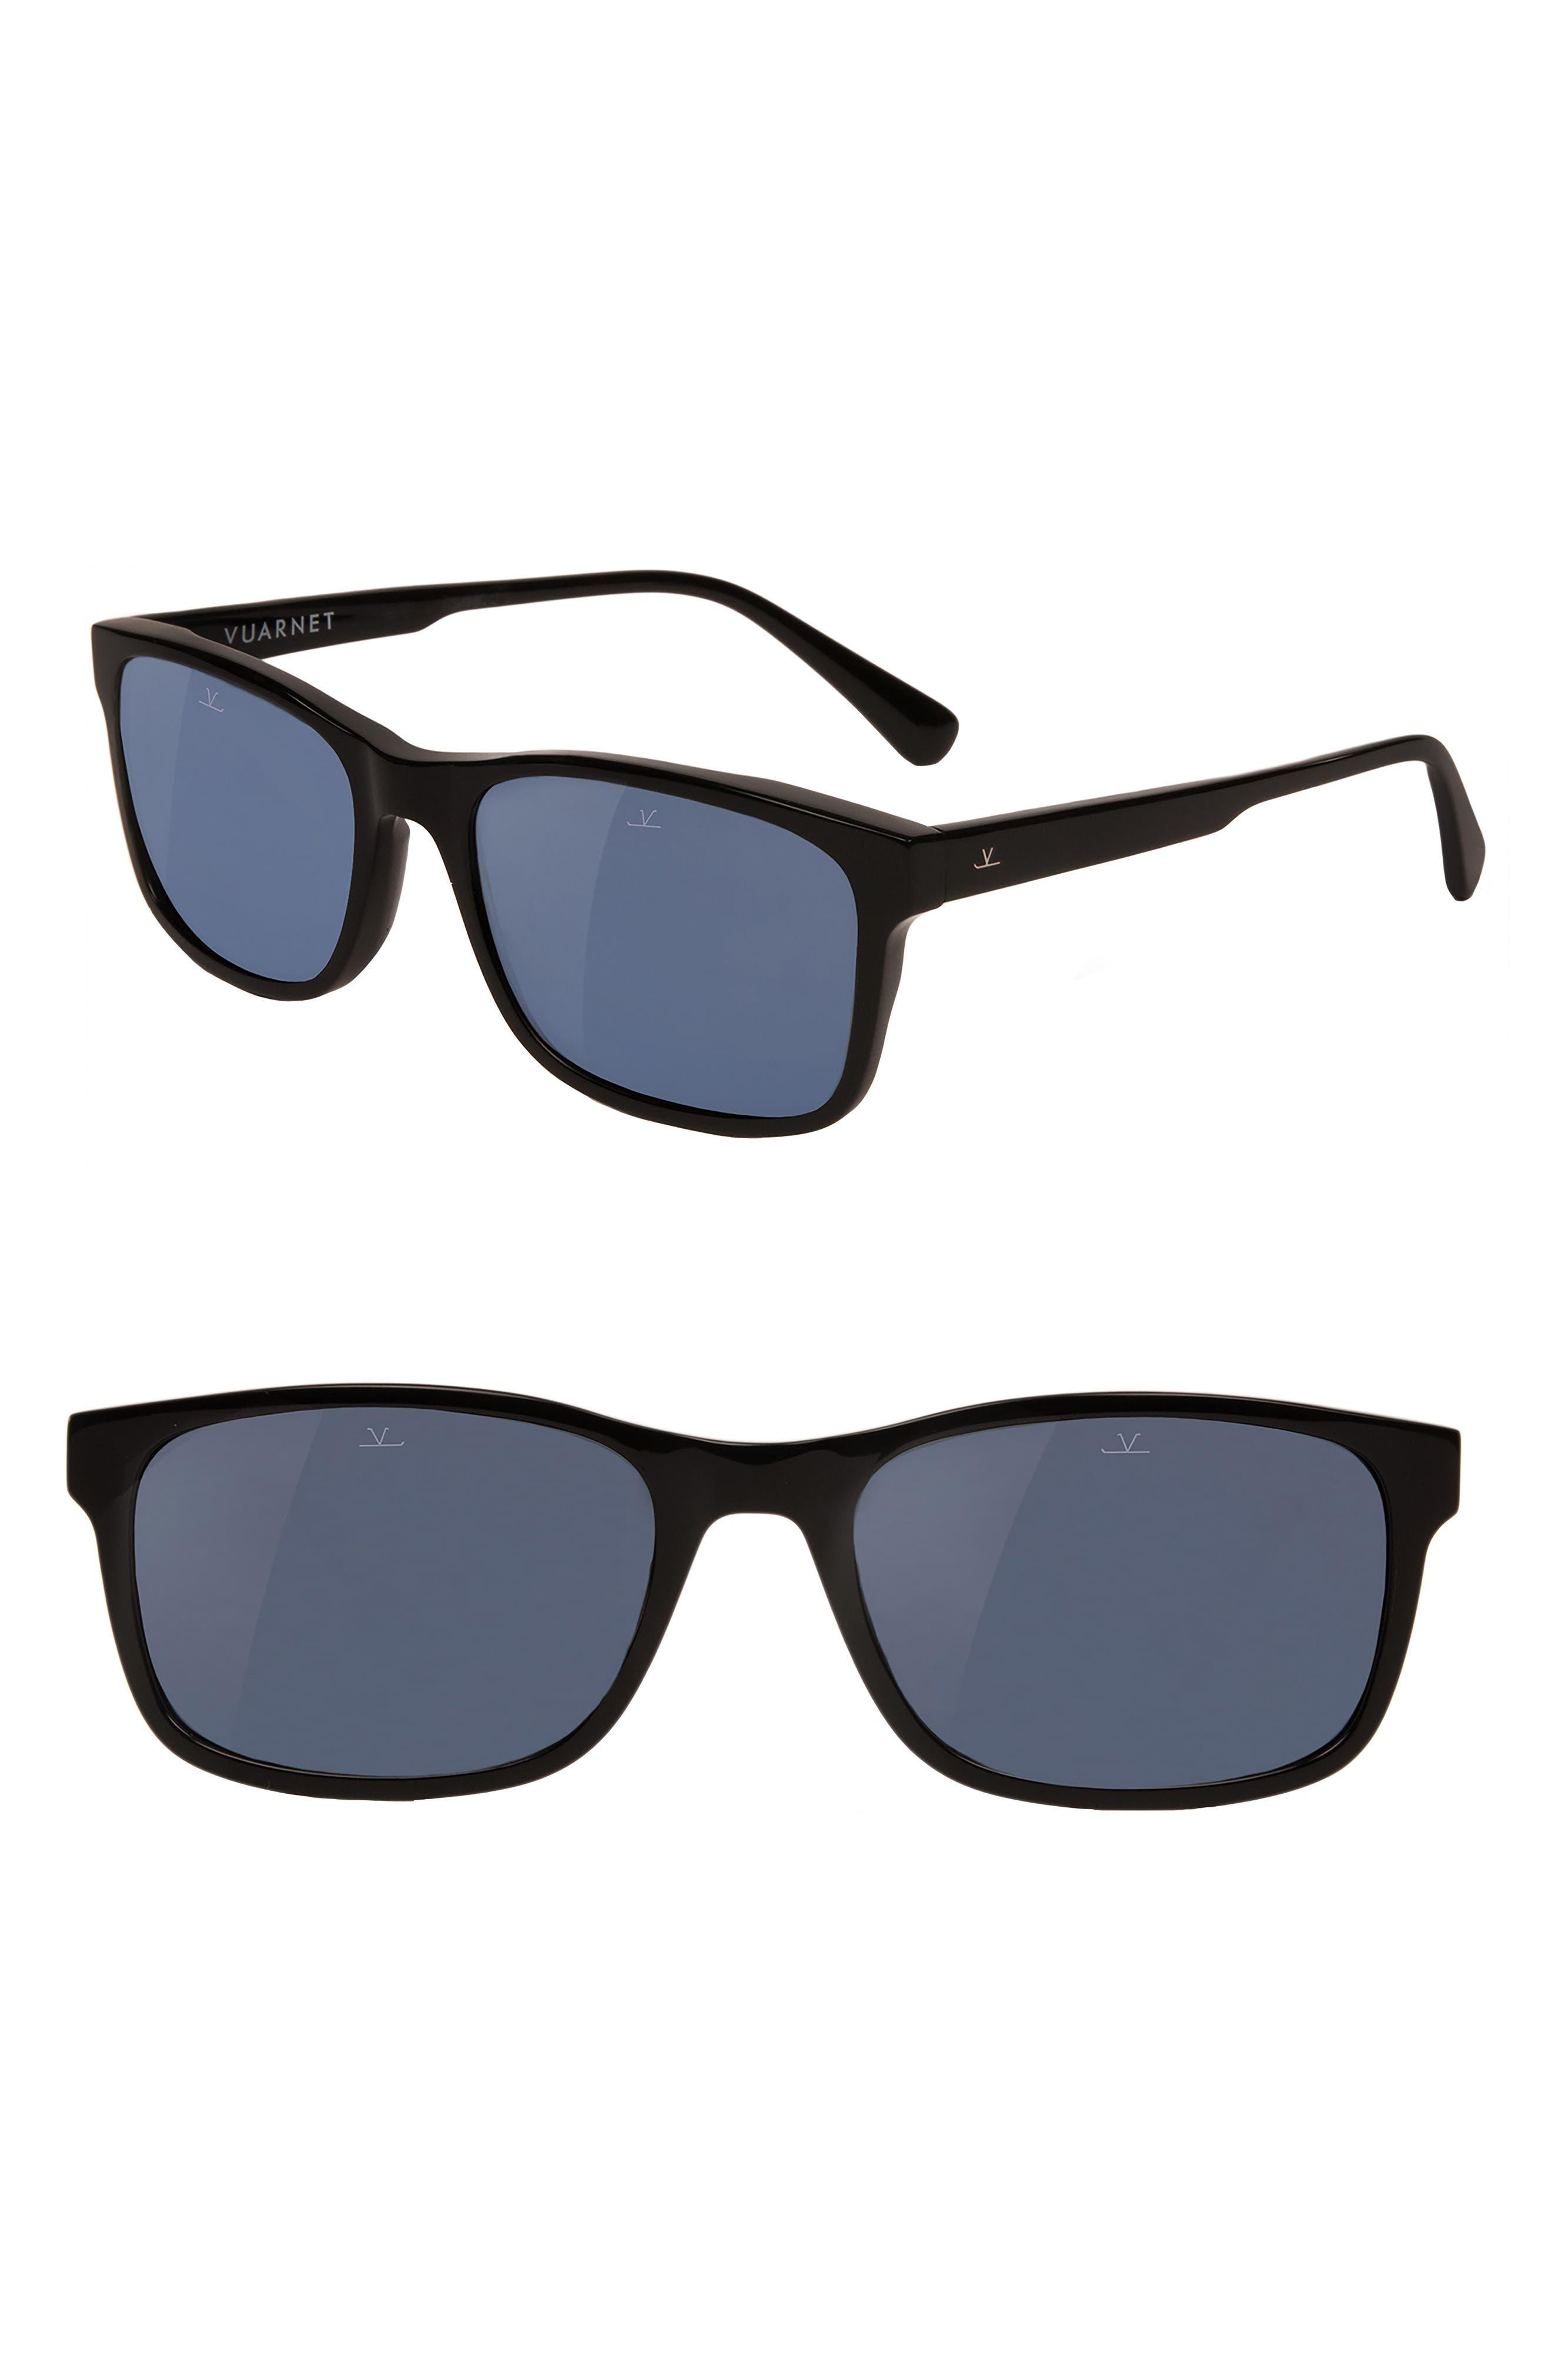 8f7e2b81ba Men s Vuarnet Sunglasses   Eyeglasses